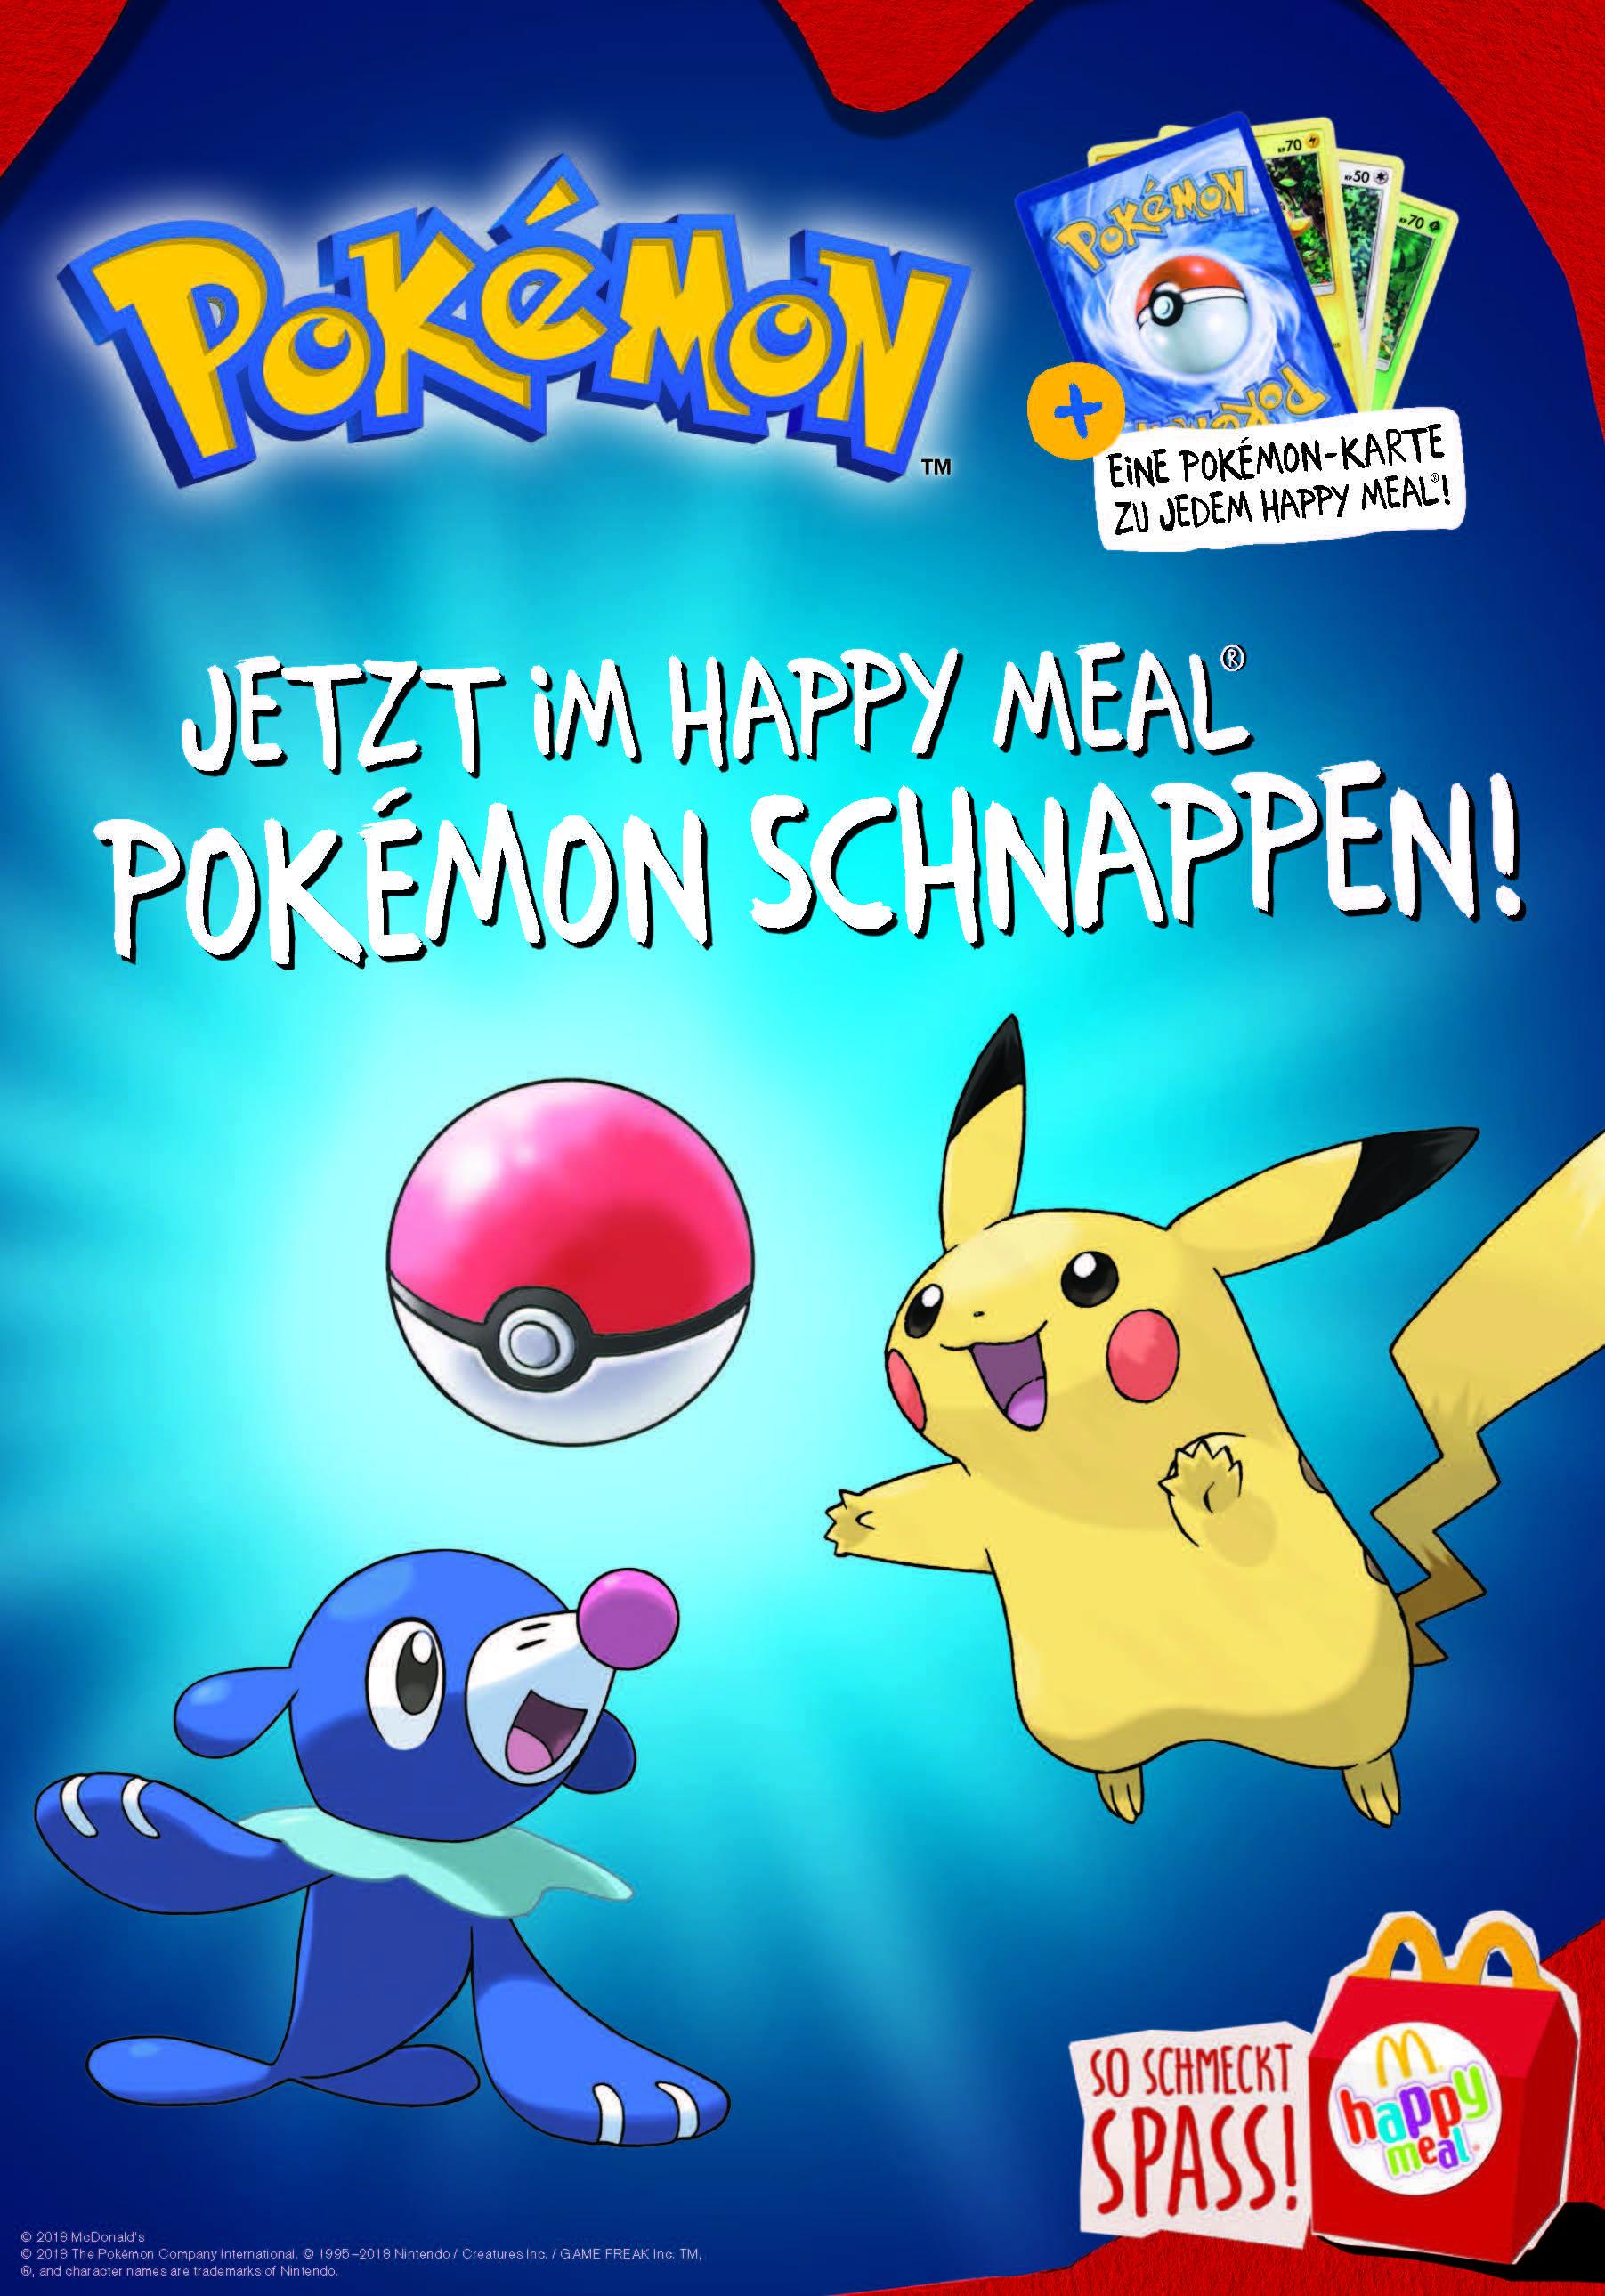 Diese Acht Pokémon Figuren Bietet Mcdonalds Beginnend Ab Nächster